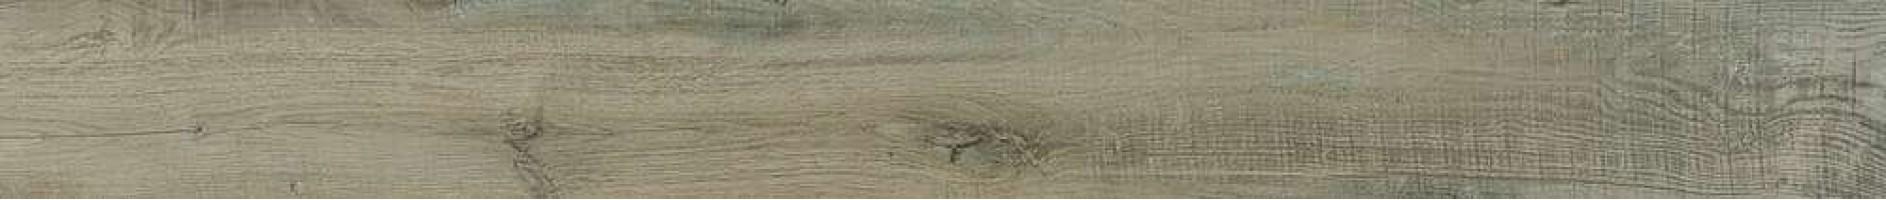 Керамогранит напольный Porcelanosa Manhattan Colonial 19.3x180 P1670020